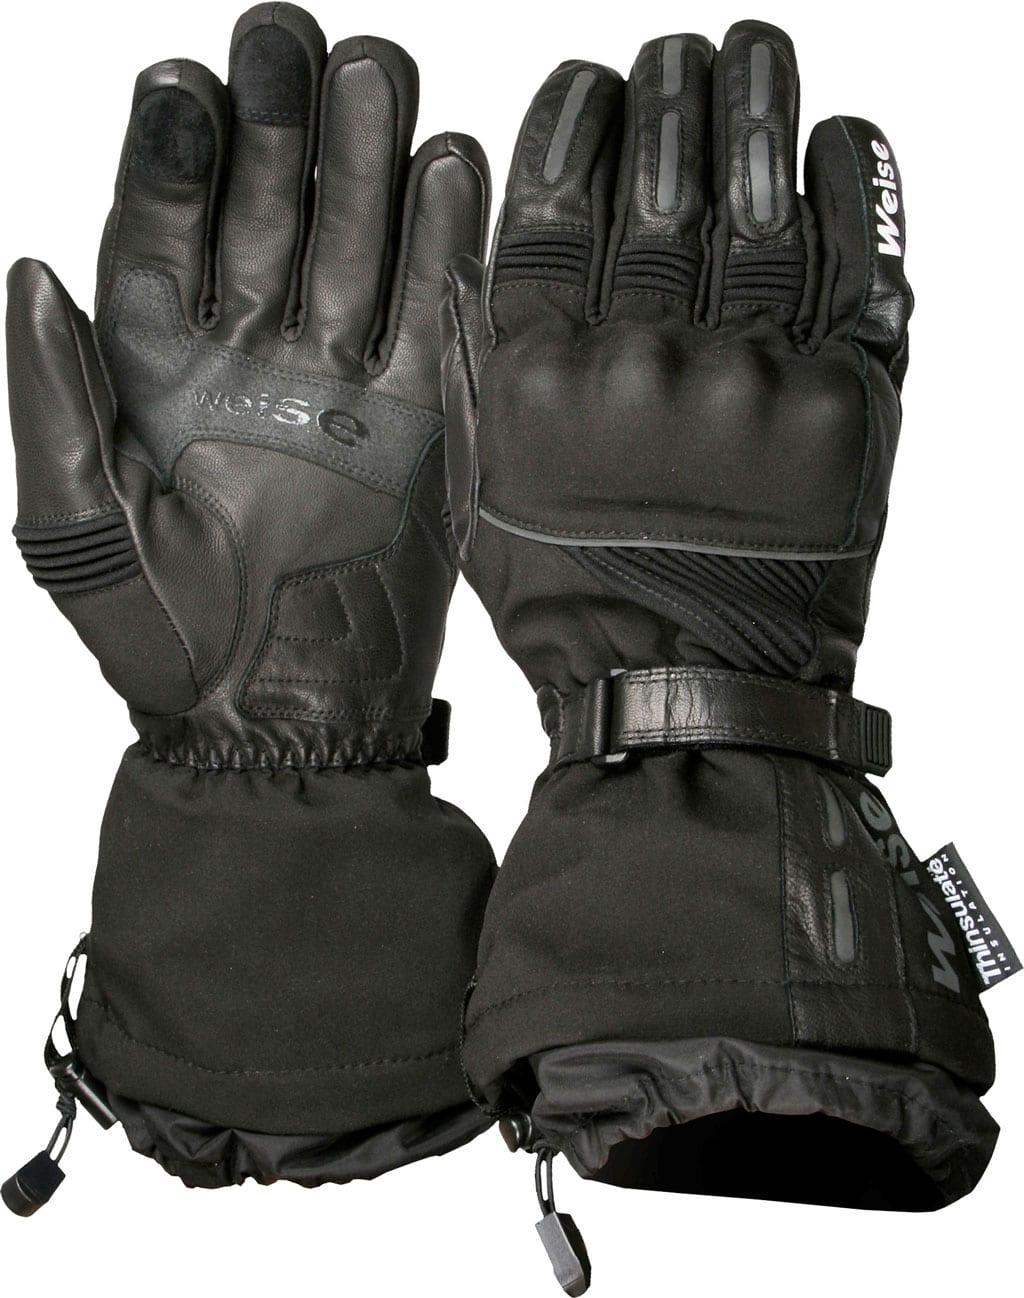 Weise glove